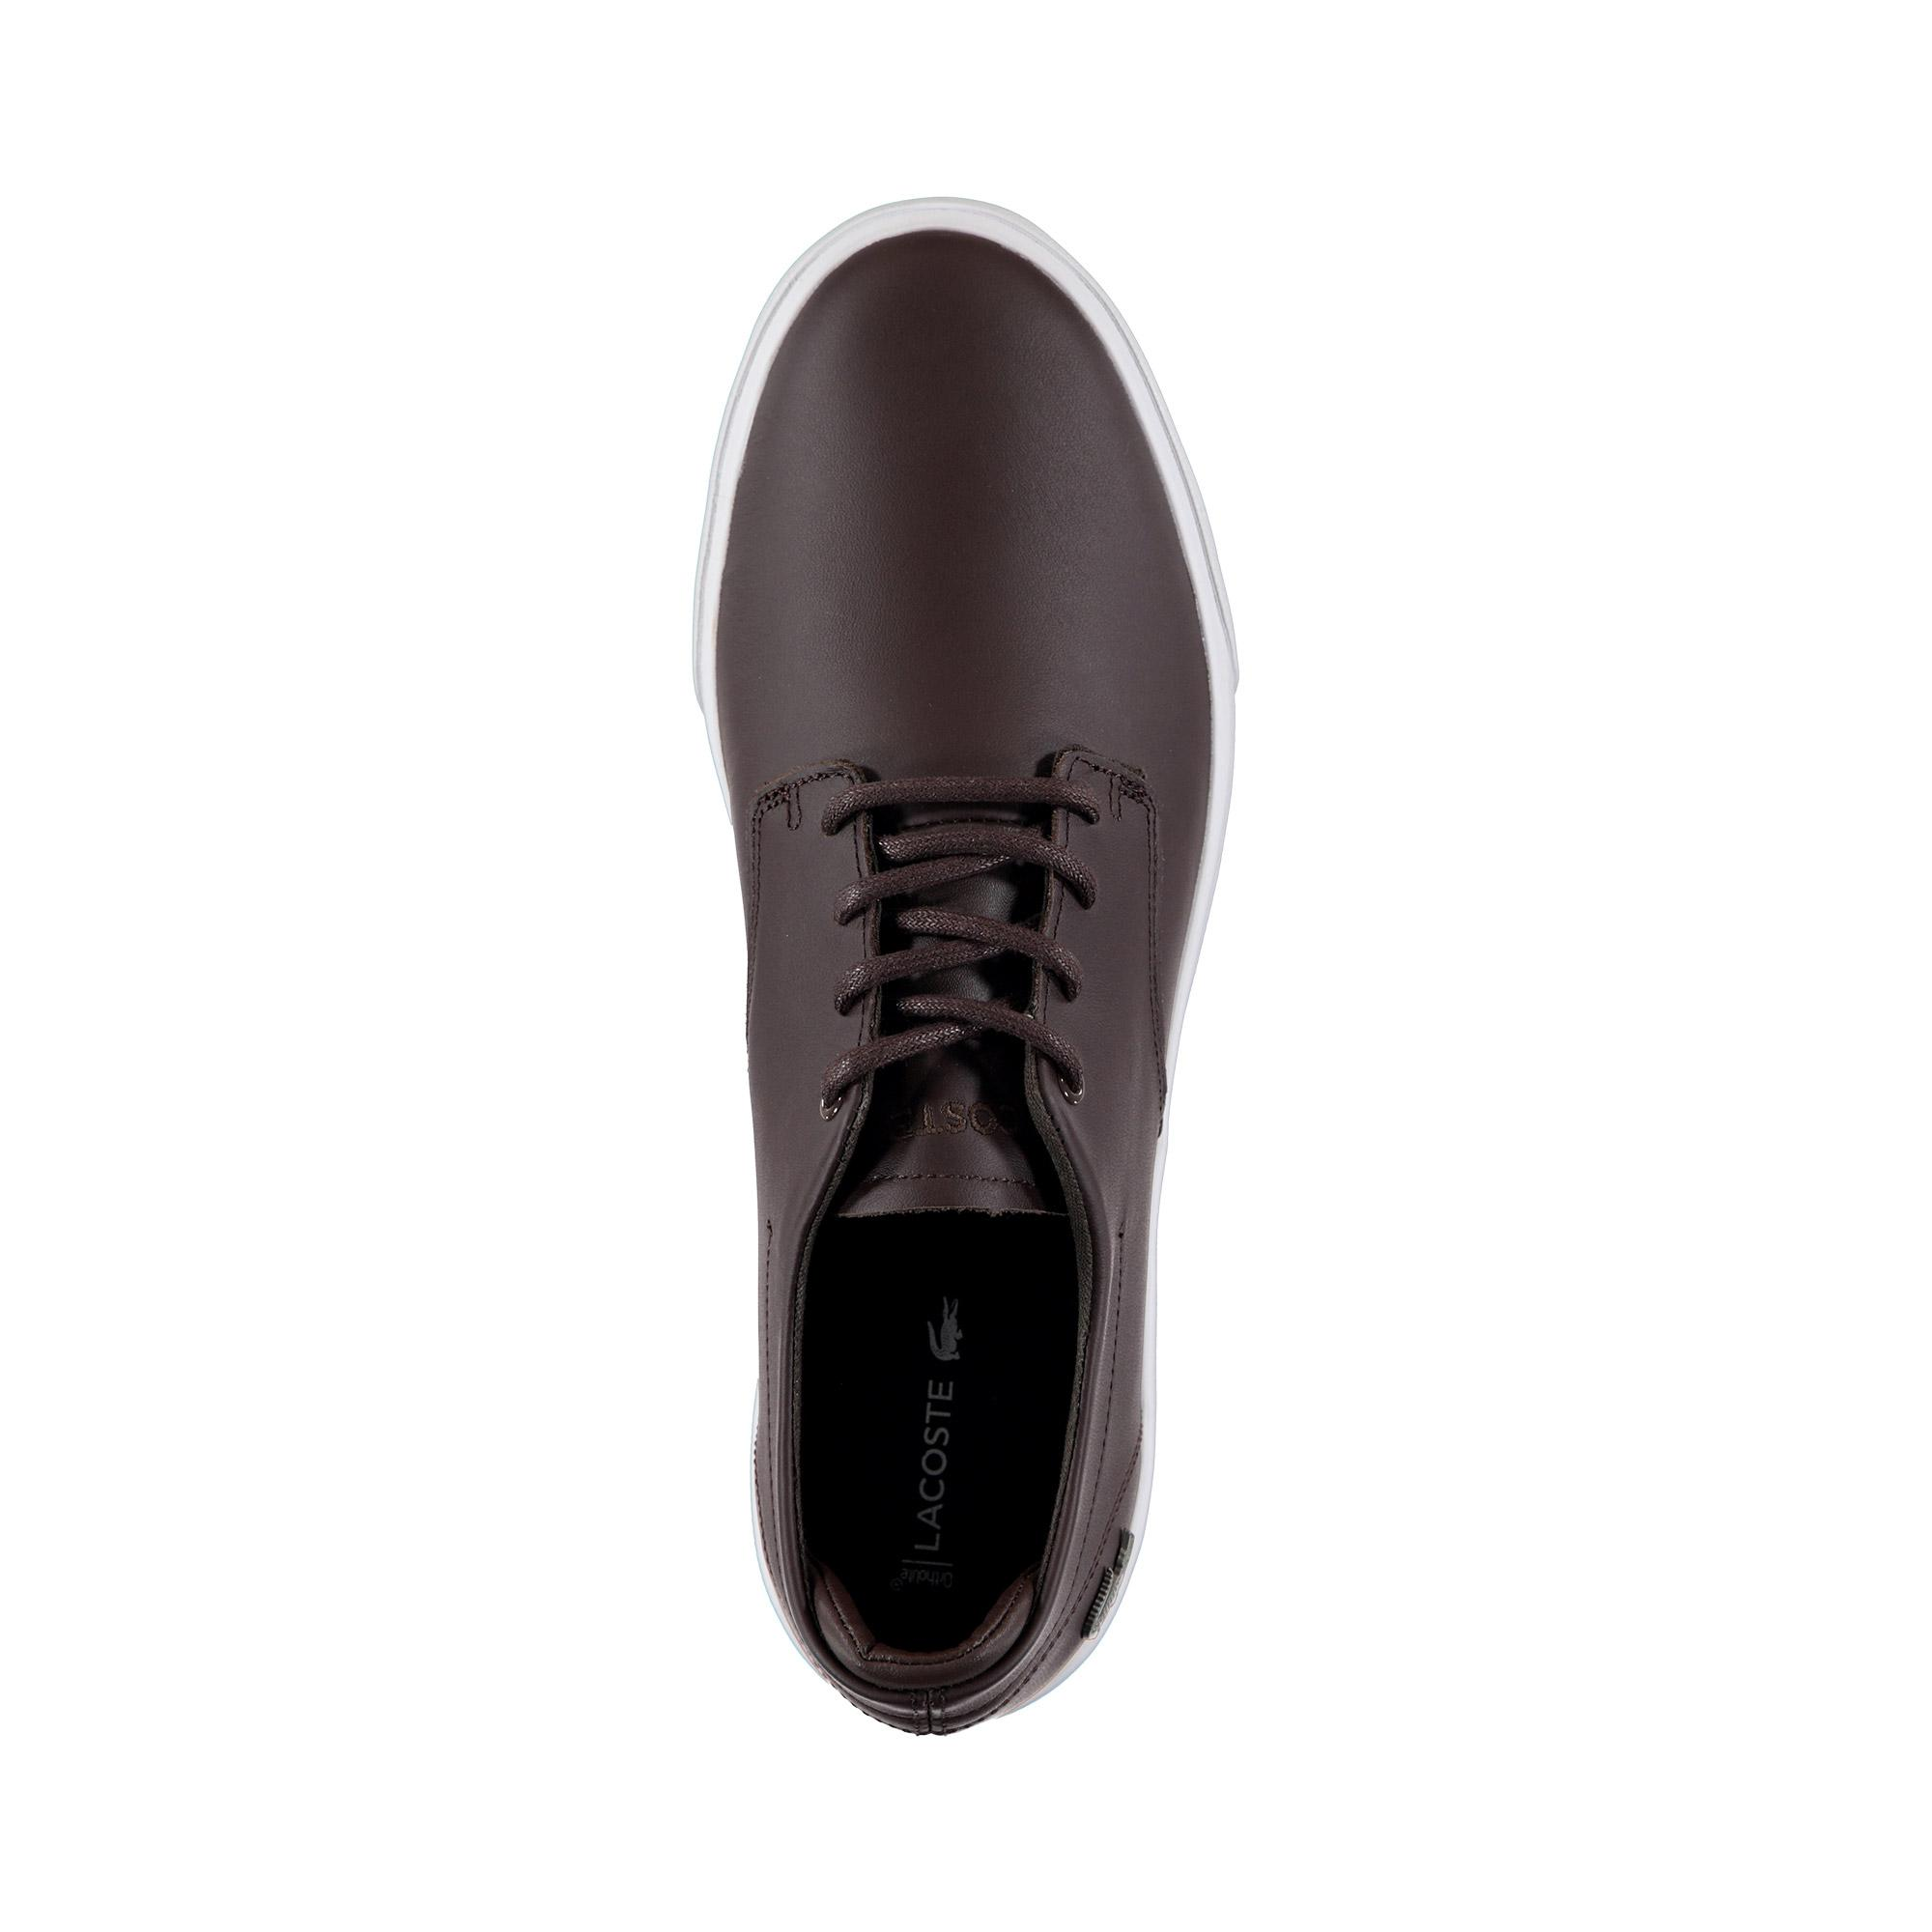 Lacoste Erkek Koyu Kahve - Beyaz Esparre BL 1 Casual Ayakkabı